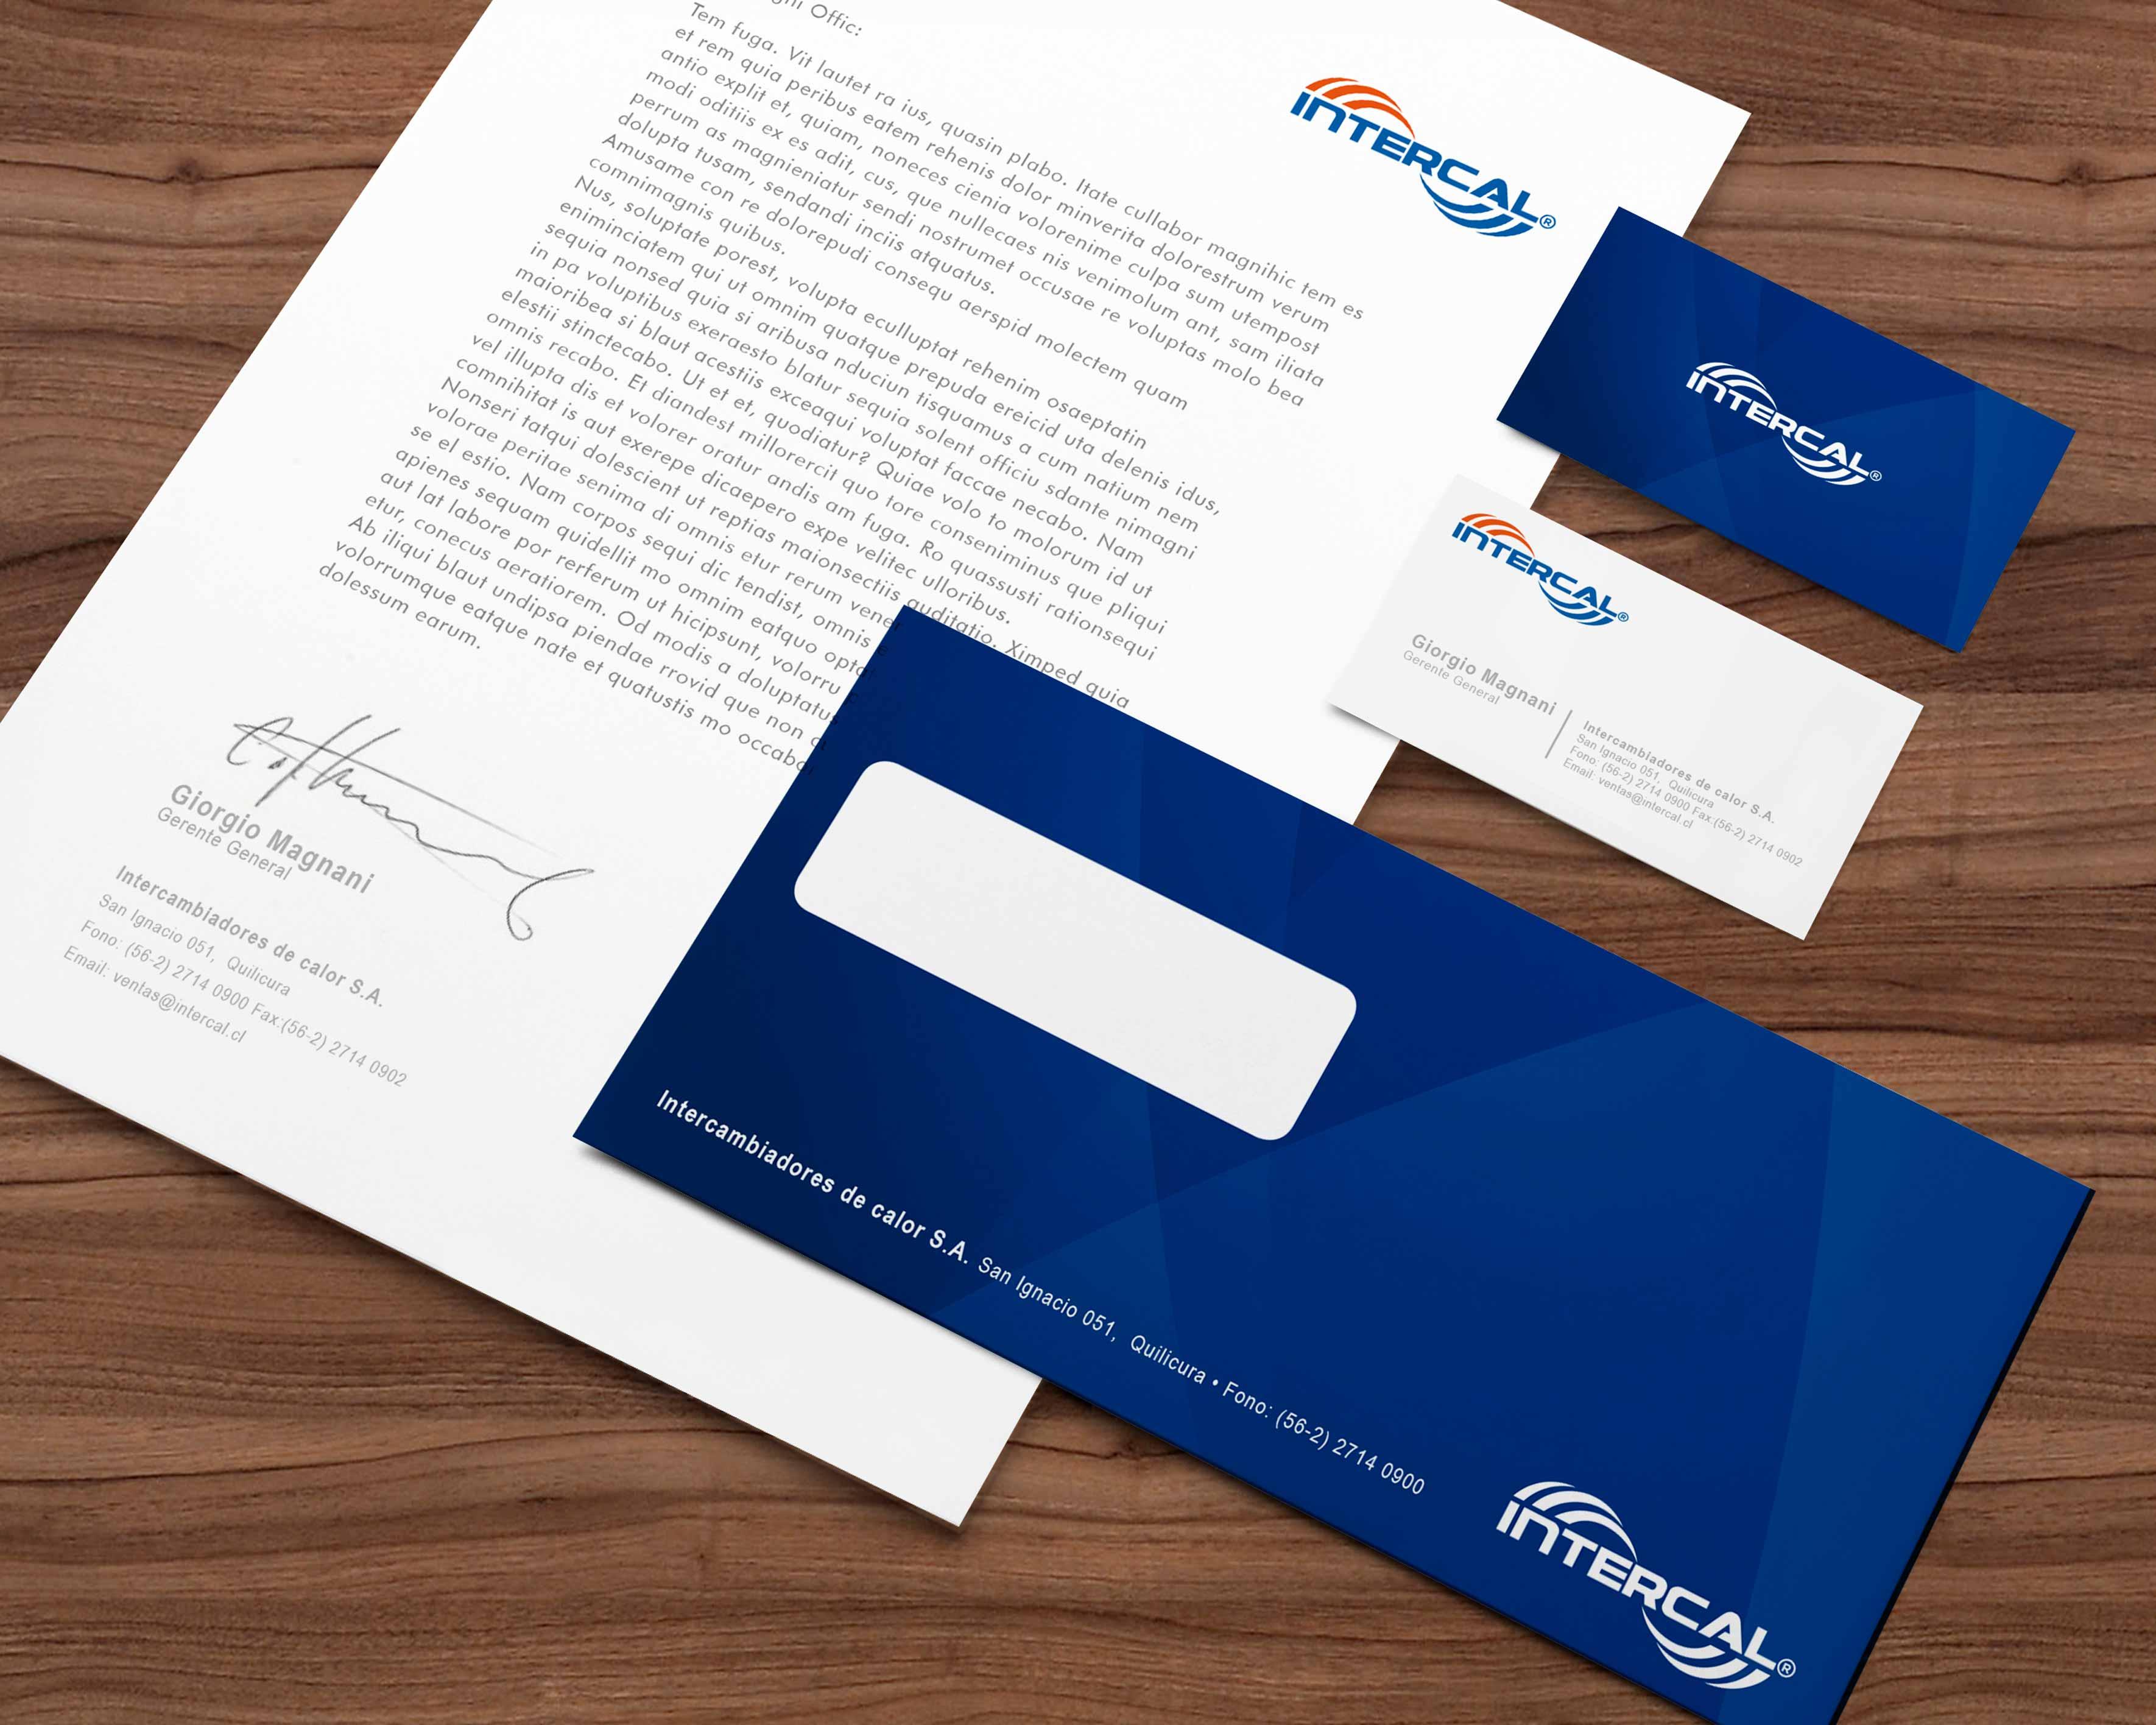 Diseño papelería Intercal